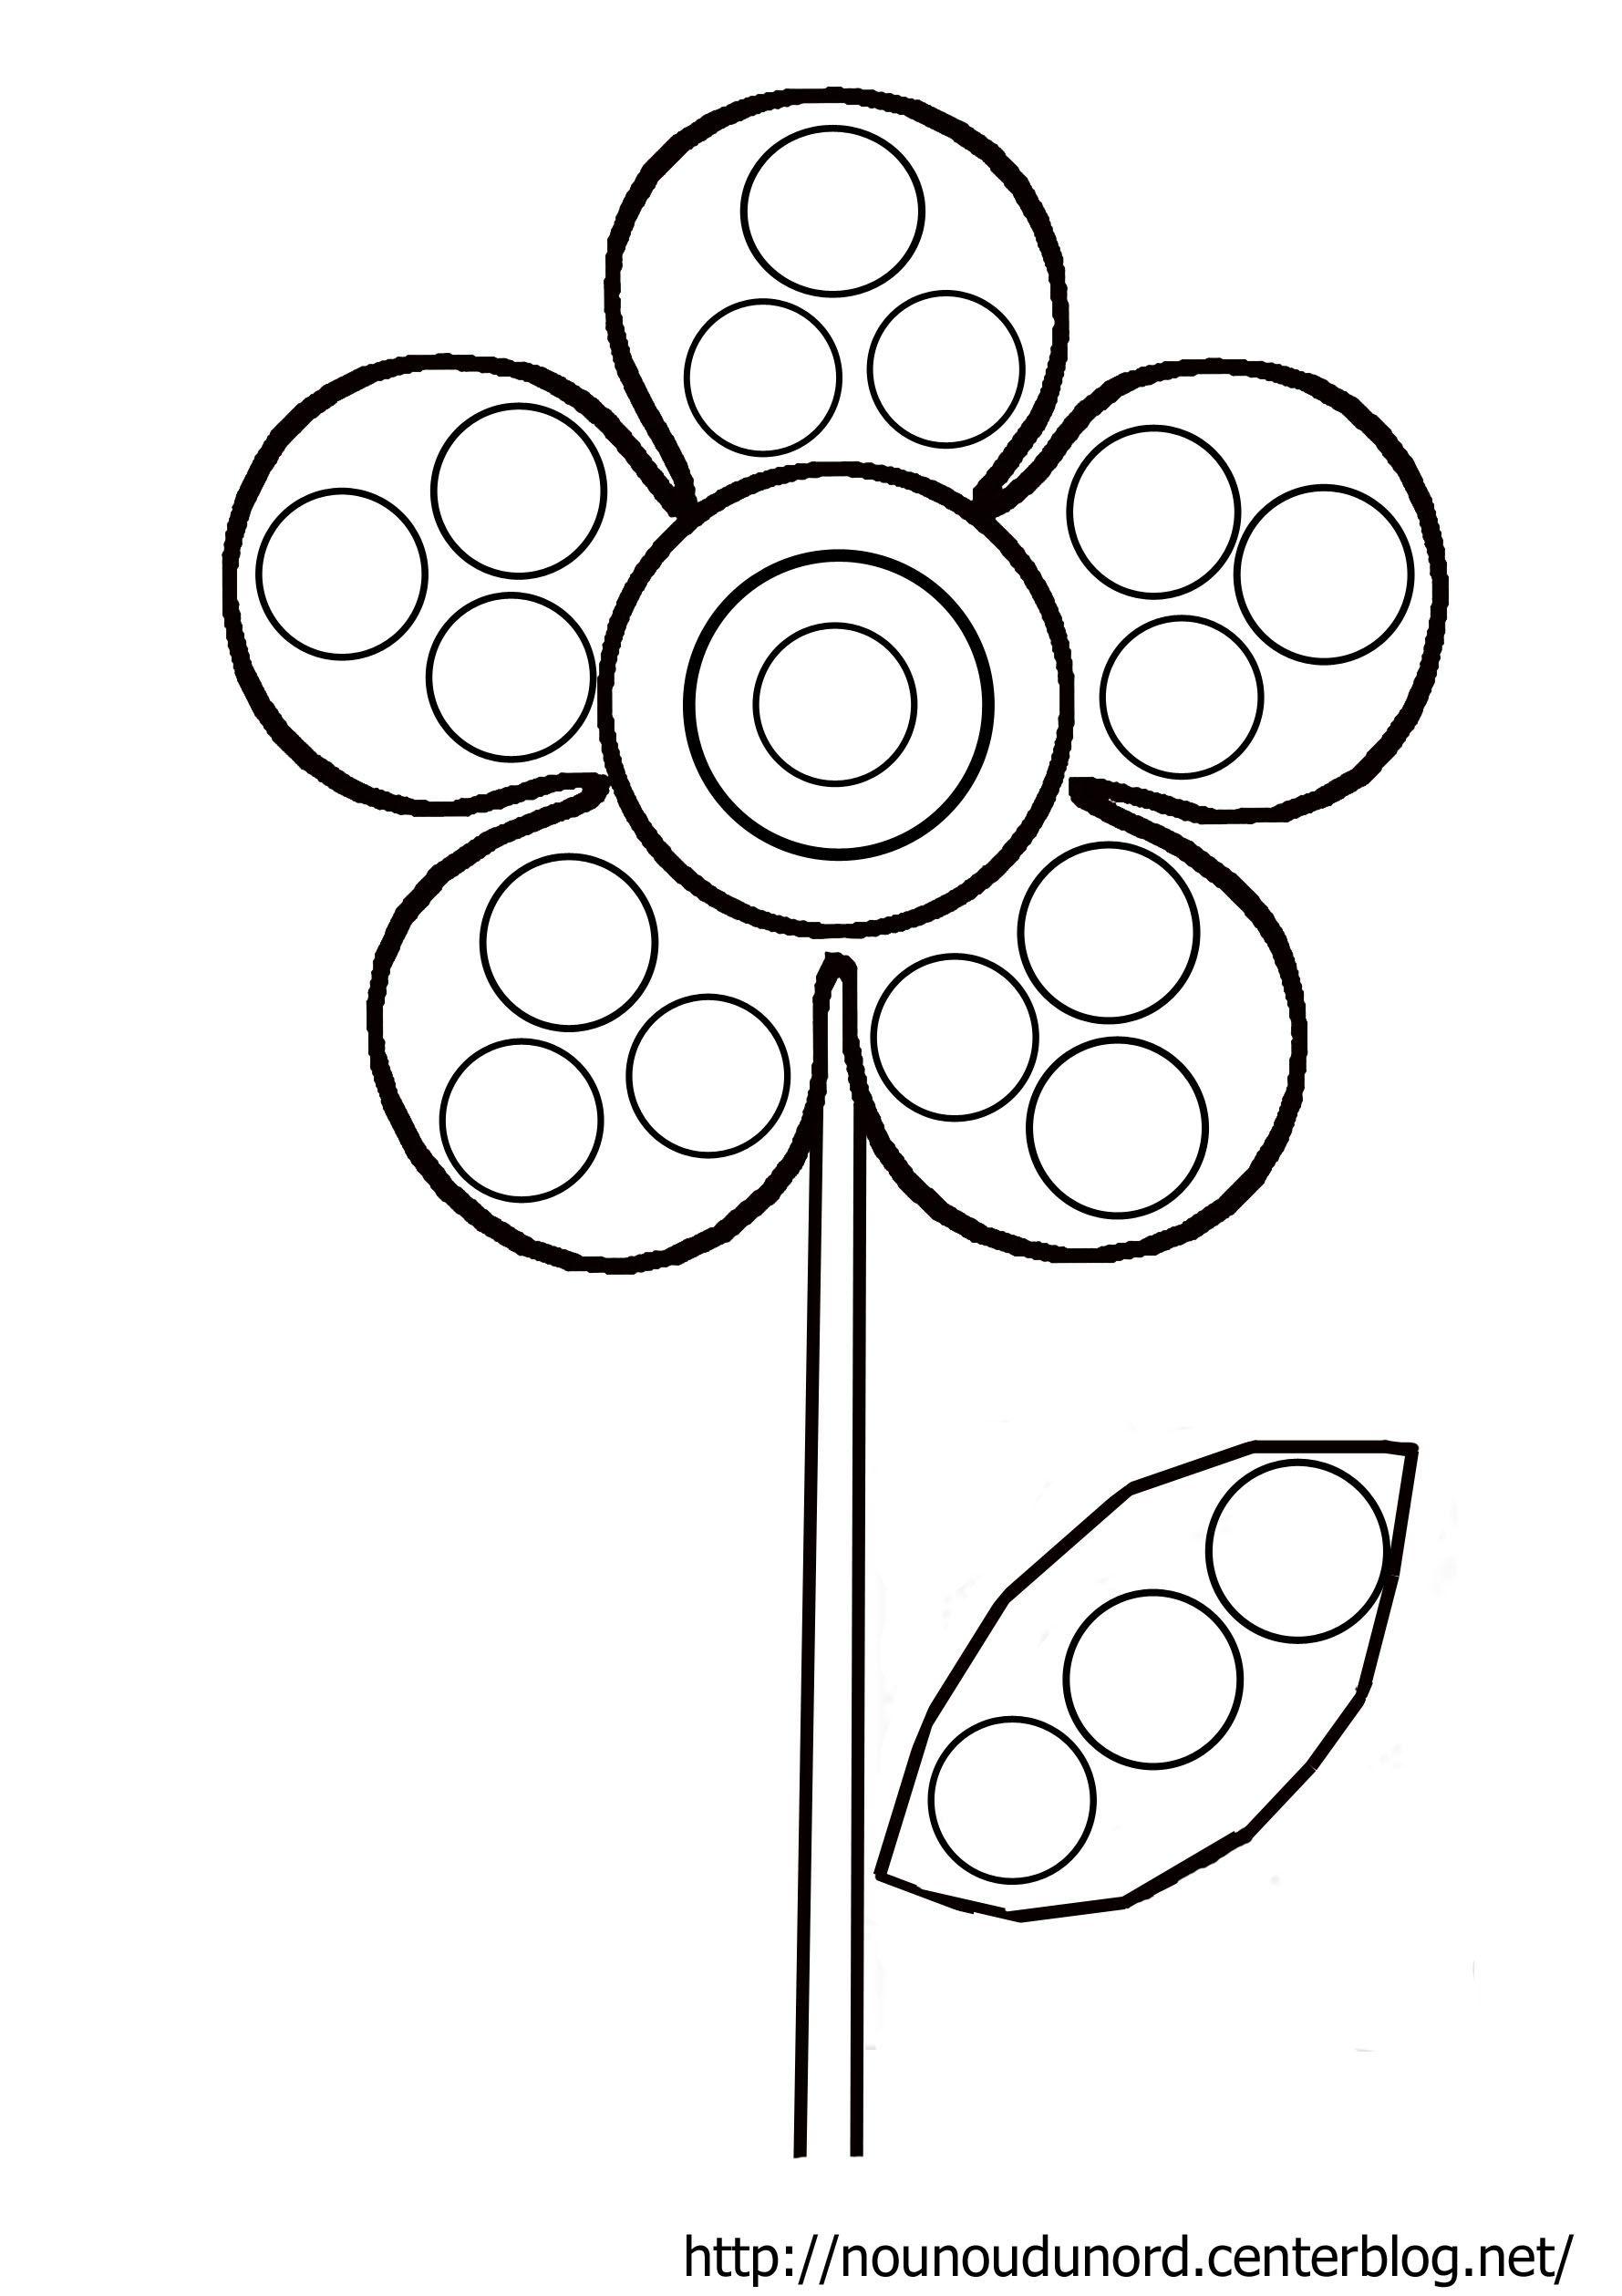 coloriage tulipe pour gommettes cliquez ici coloriage jonquille pour gommettes cliquez ici